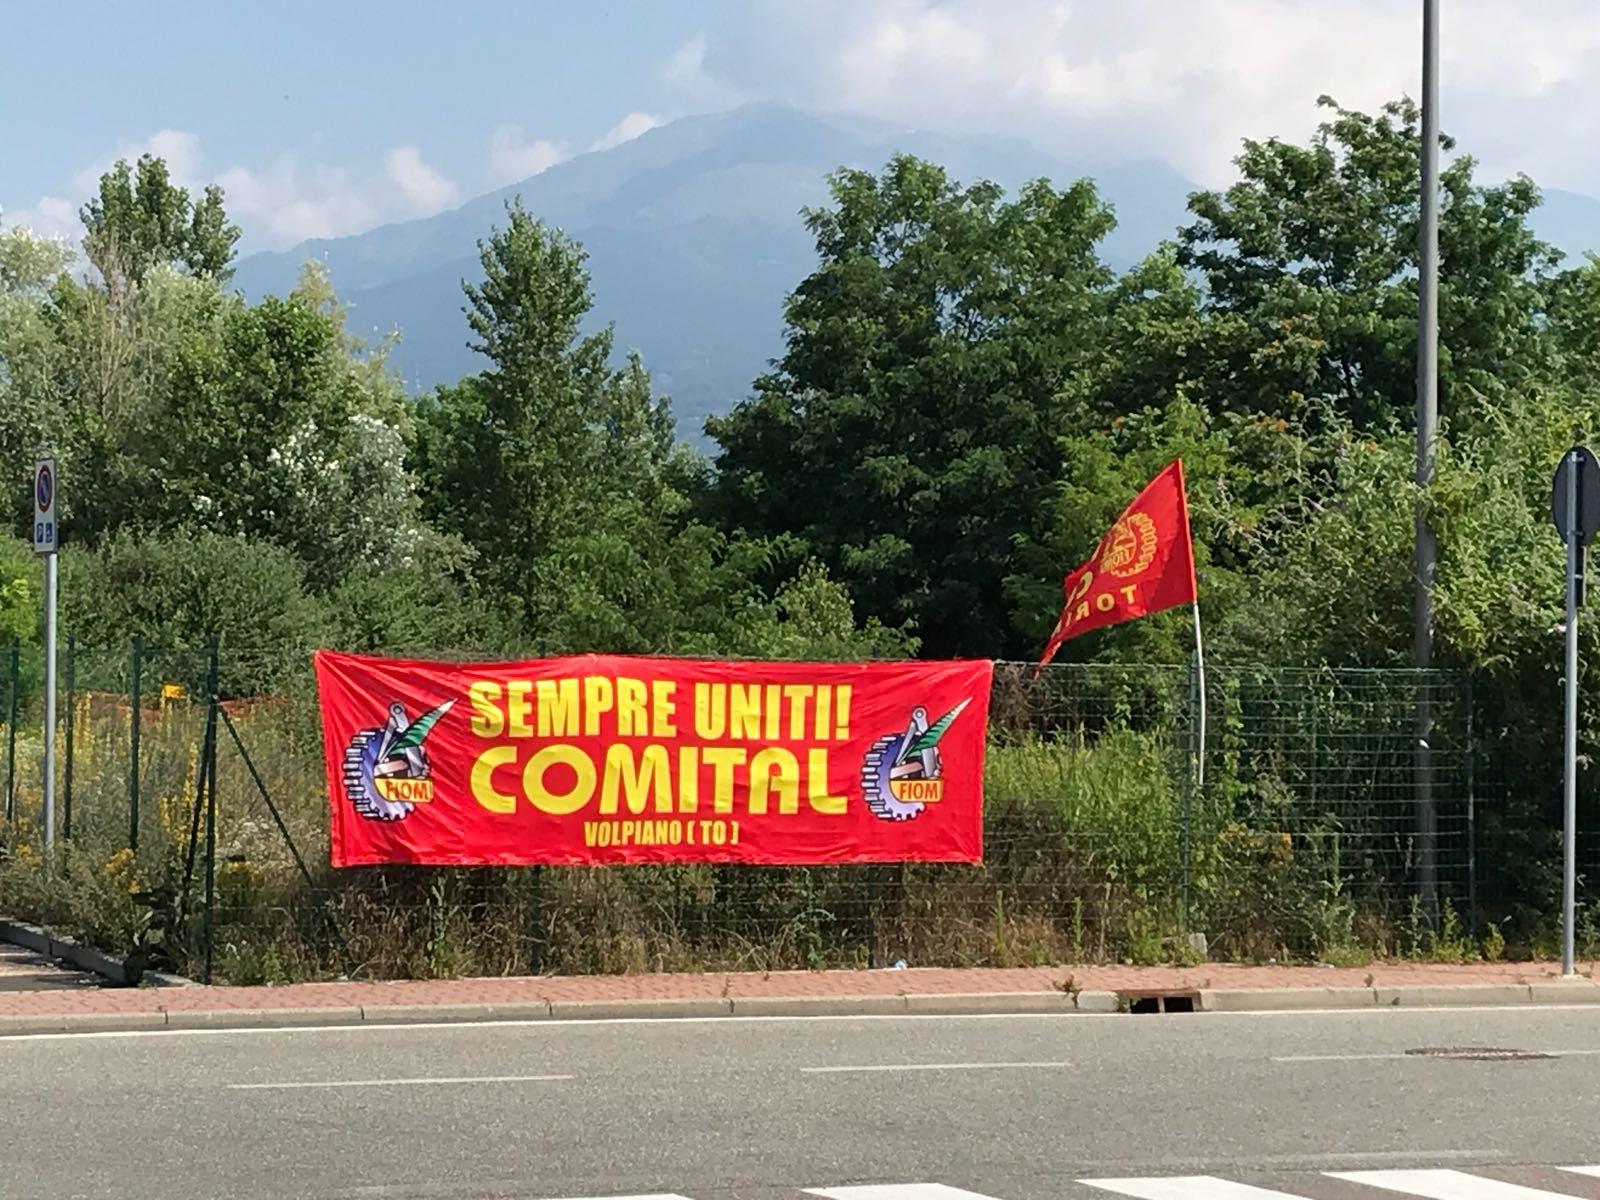 VOLPIANO - Trattative con i cinesi in corso anche col bando scaduto